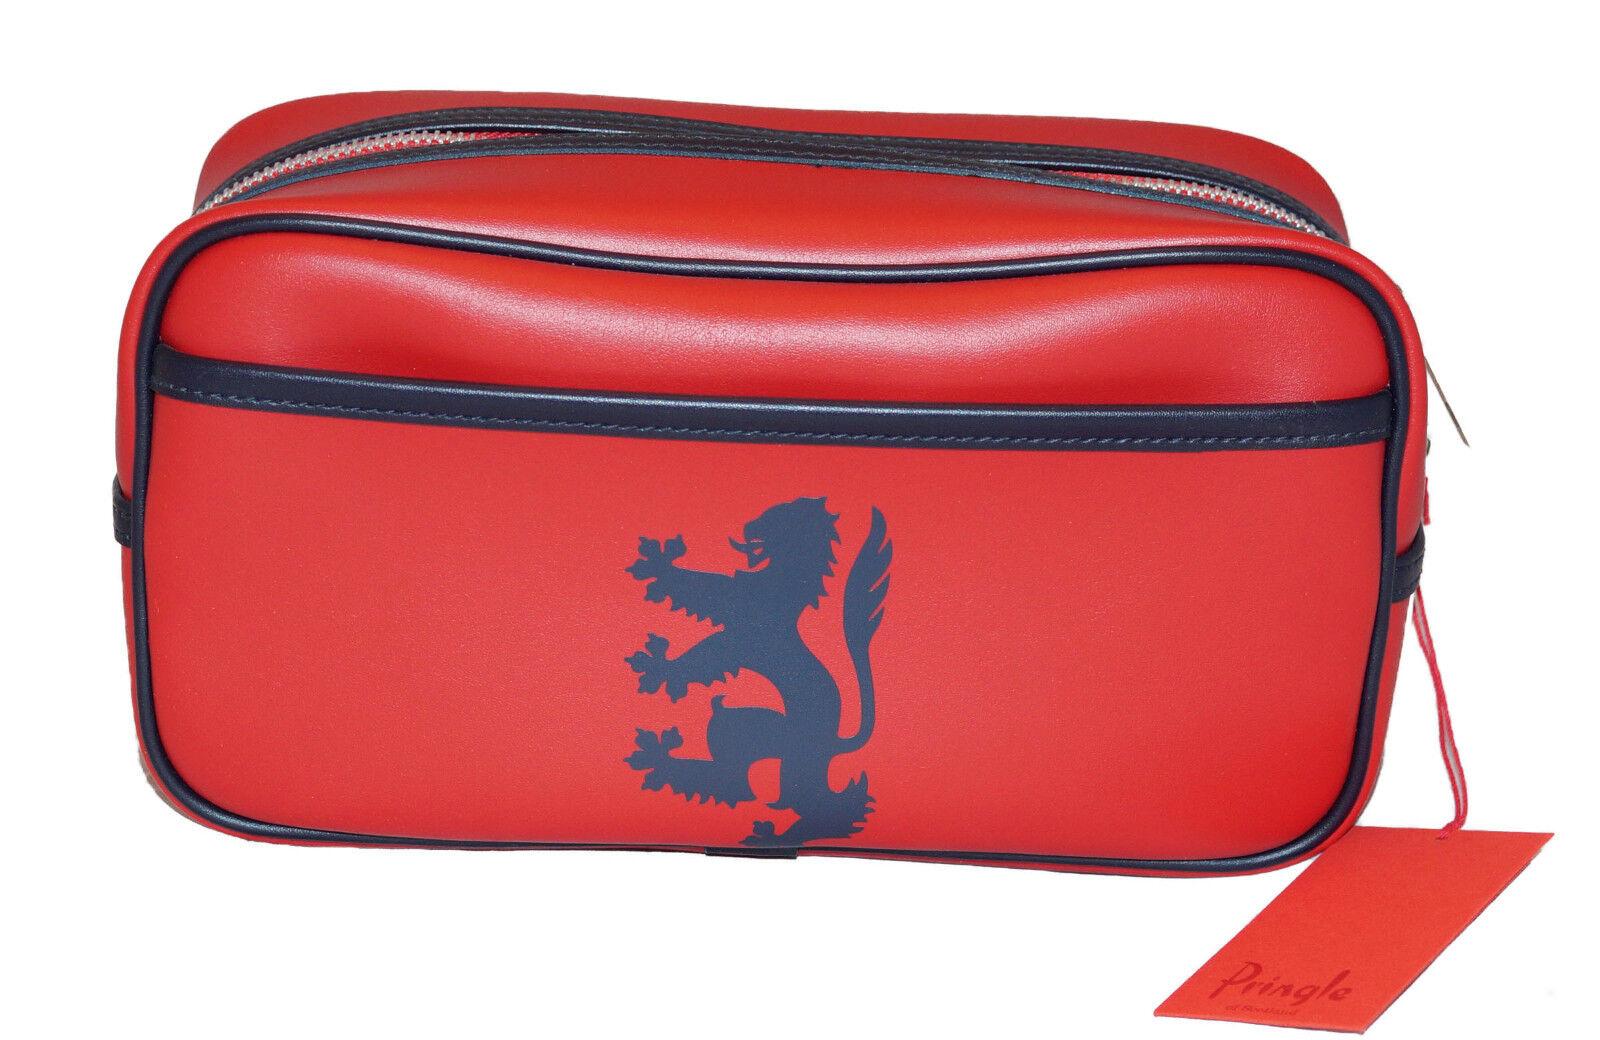 Neu Pringle Hygieneartikel Set Wasch Reisetasche Rot